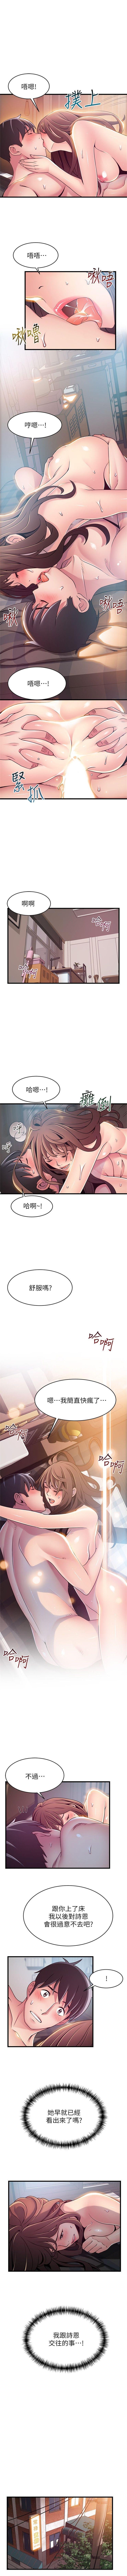 弱點 1-107 官方中文(連載中) 429